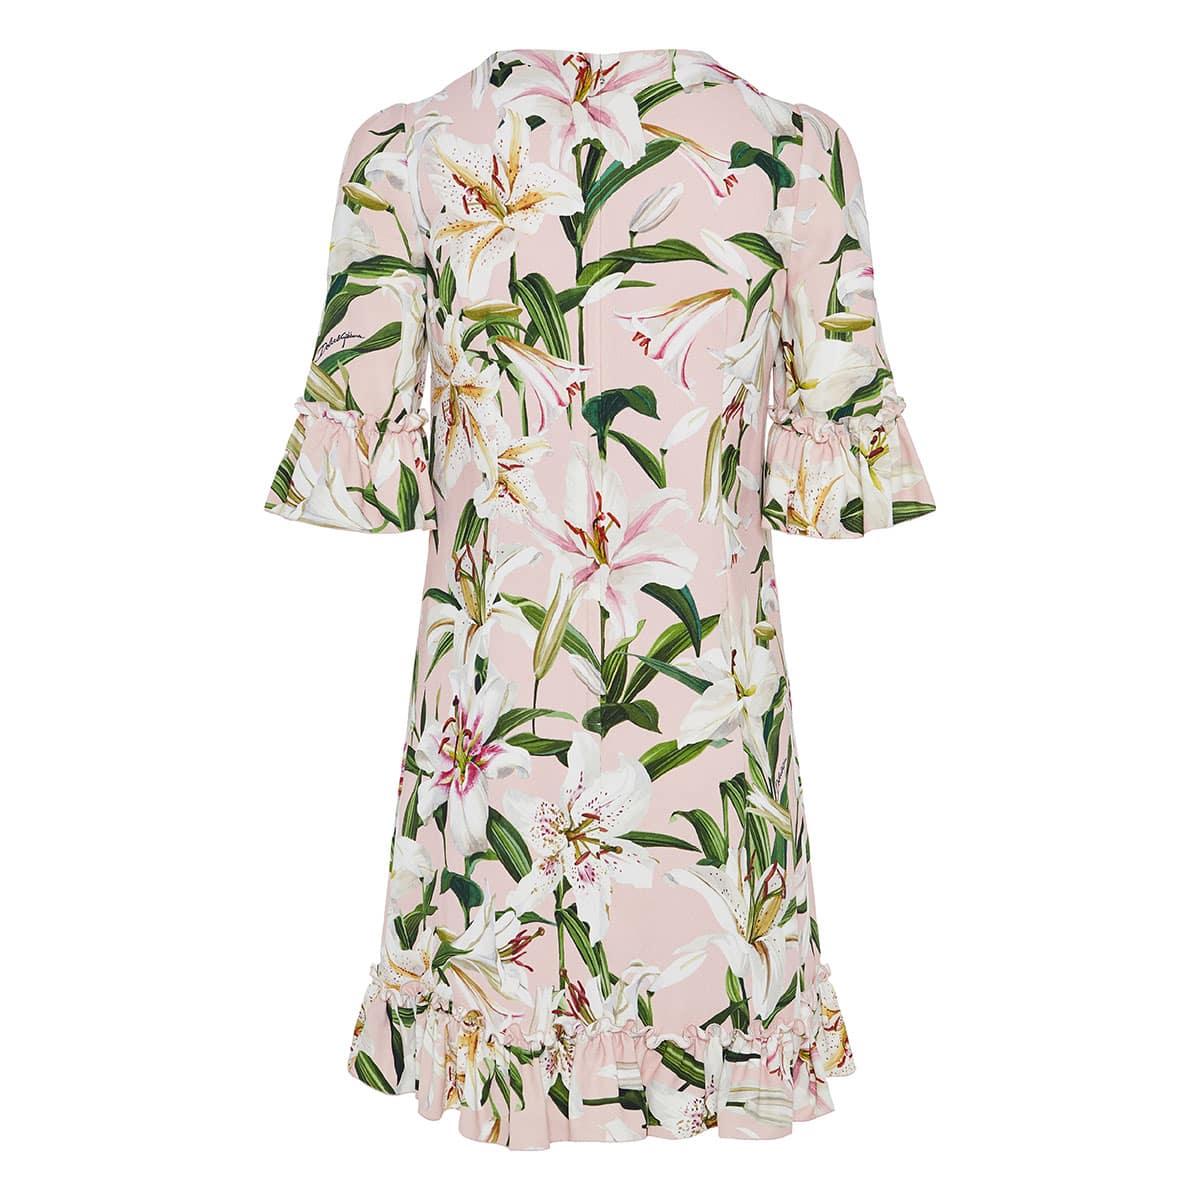 Lily-print ruffle-trimmed mini dress